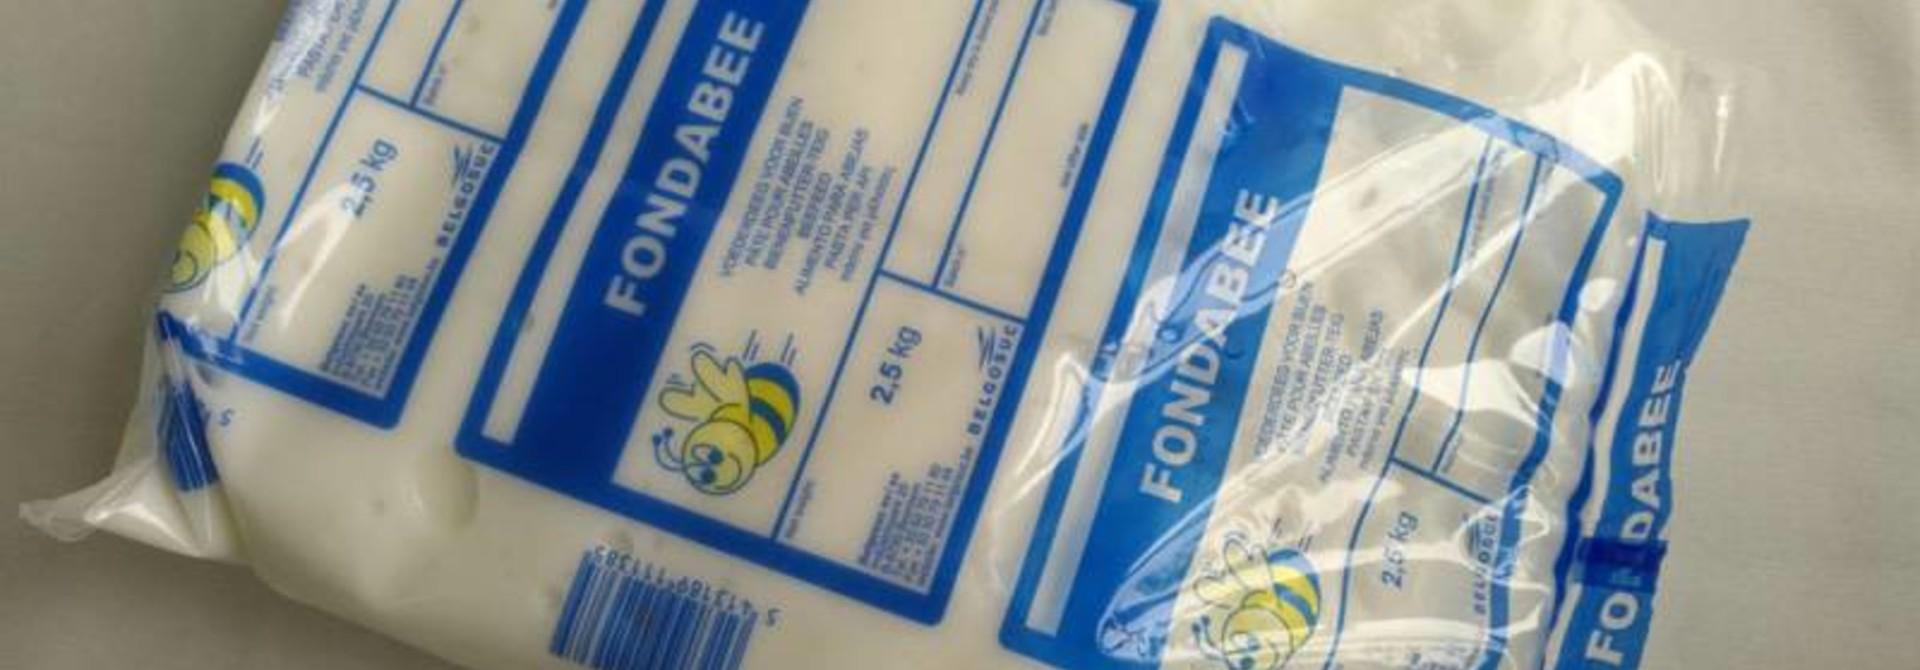 Fondabee - zak 2.5kg